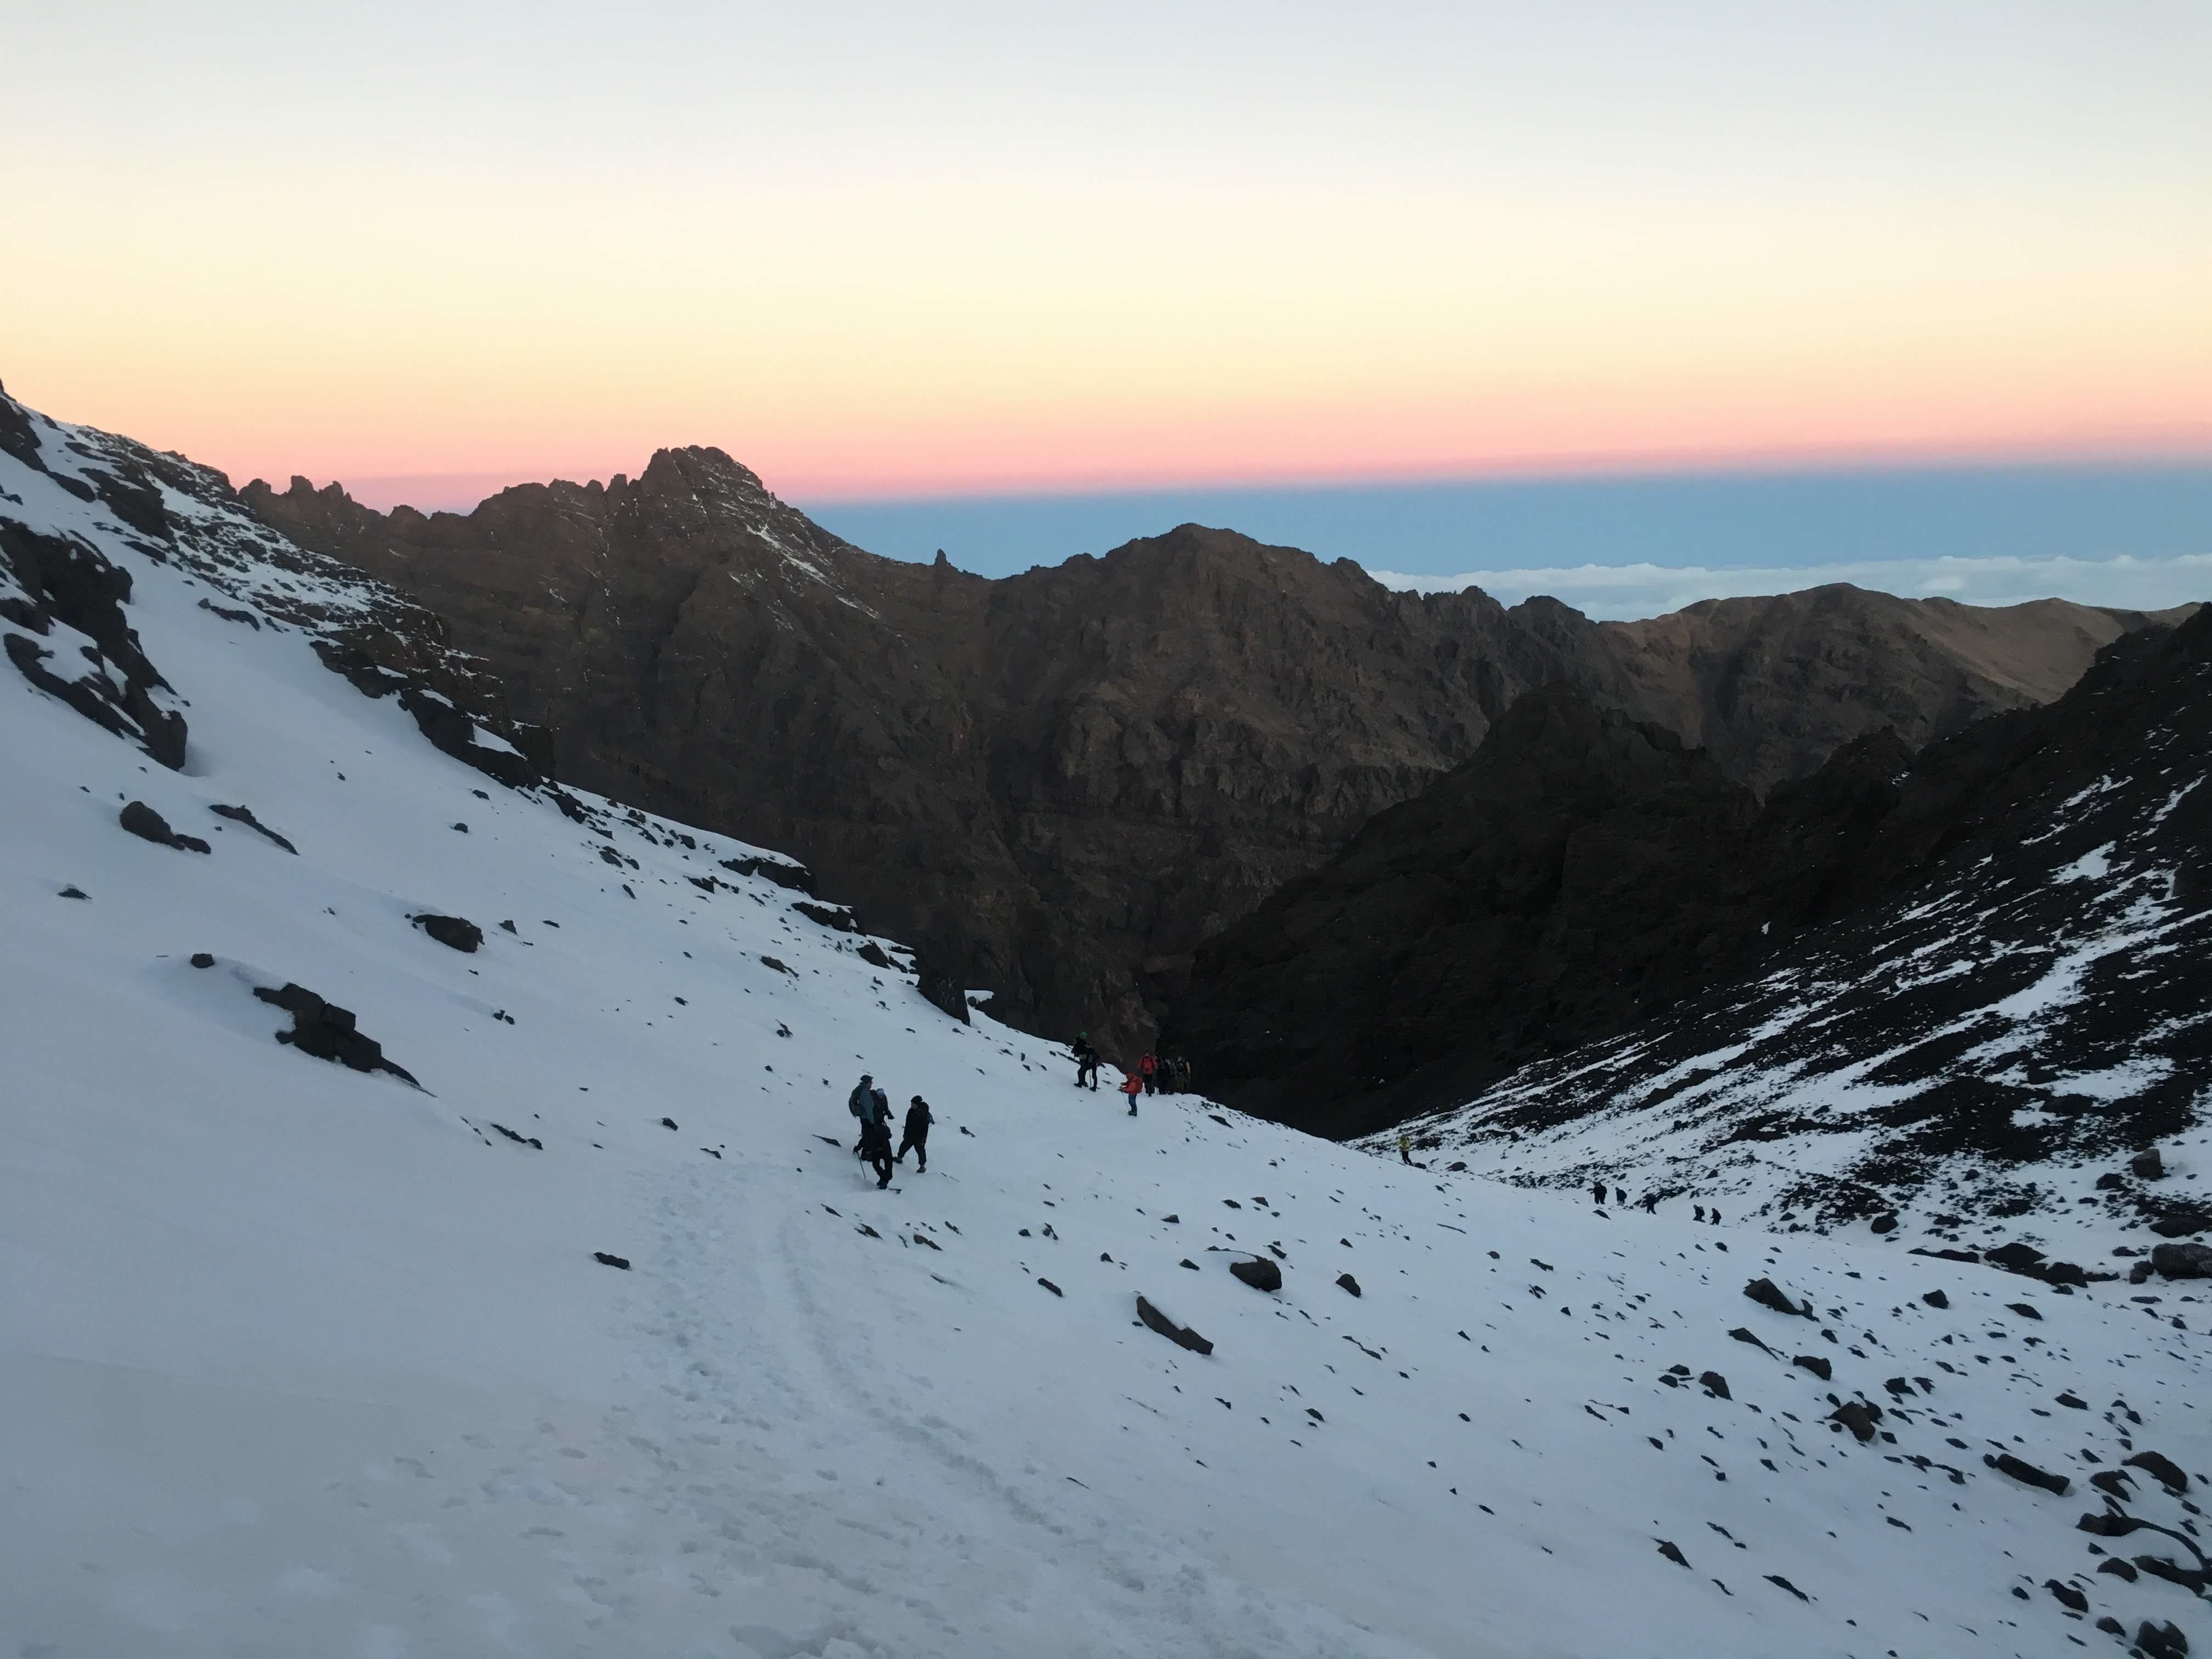 Toubkal (4167m) – trekking az Atlasz csúcsára Toubkal, Marokkó #415e9688-bacc-4ff2-a790-e1559e18d775